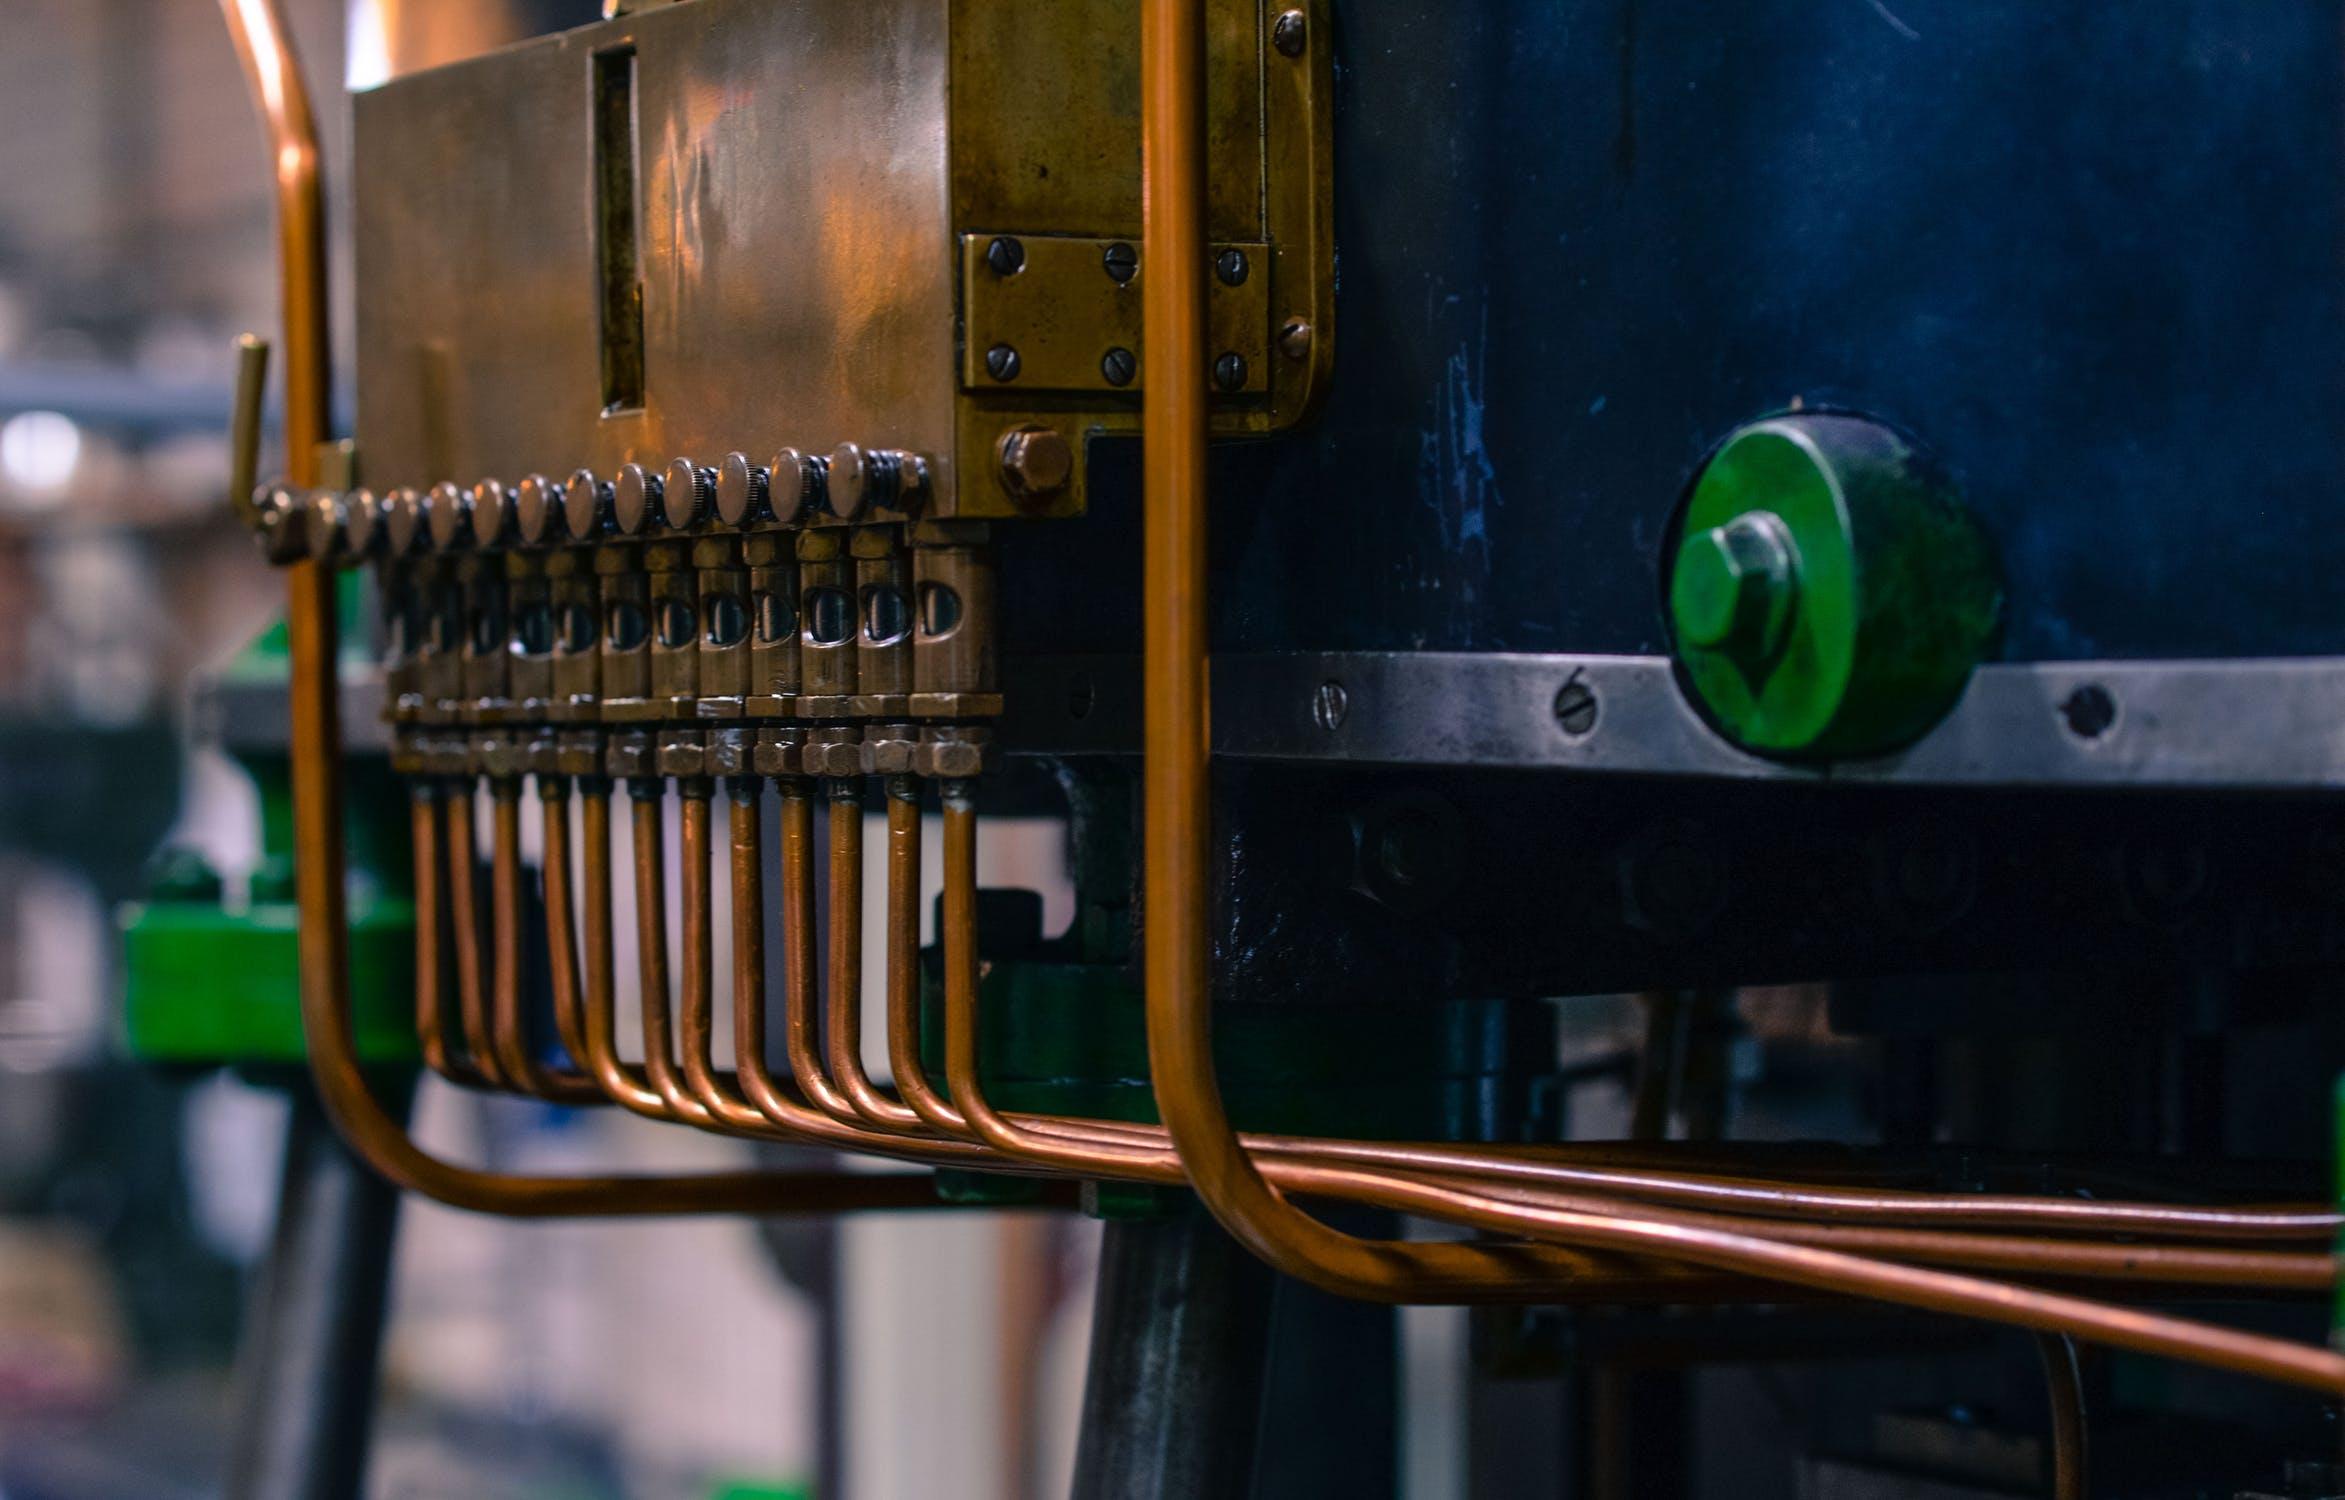 El ventilador de enfriamiento TITAN DC se puede instalar en varios equipos médicos para evitar el sobrecalentamiento de los componentes del equipo.